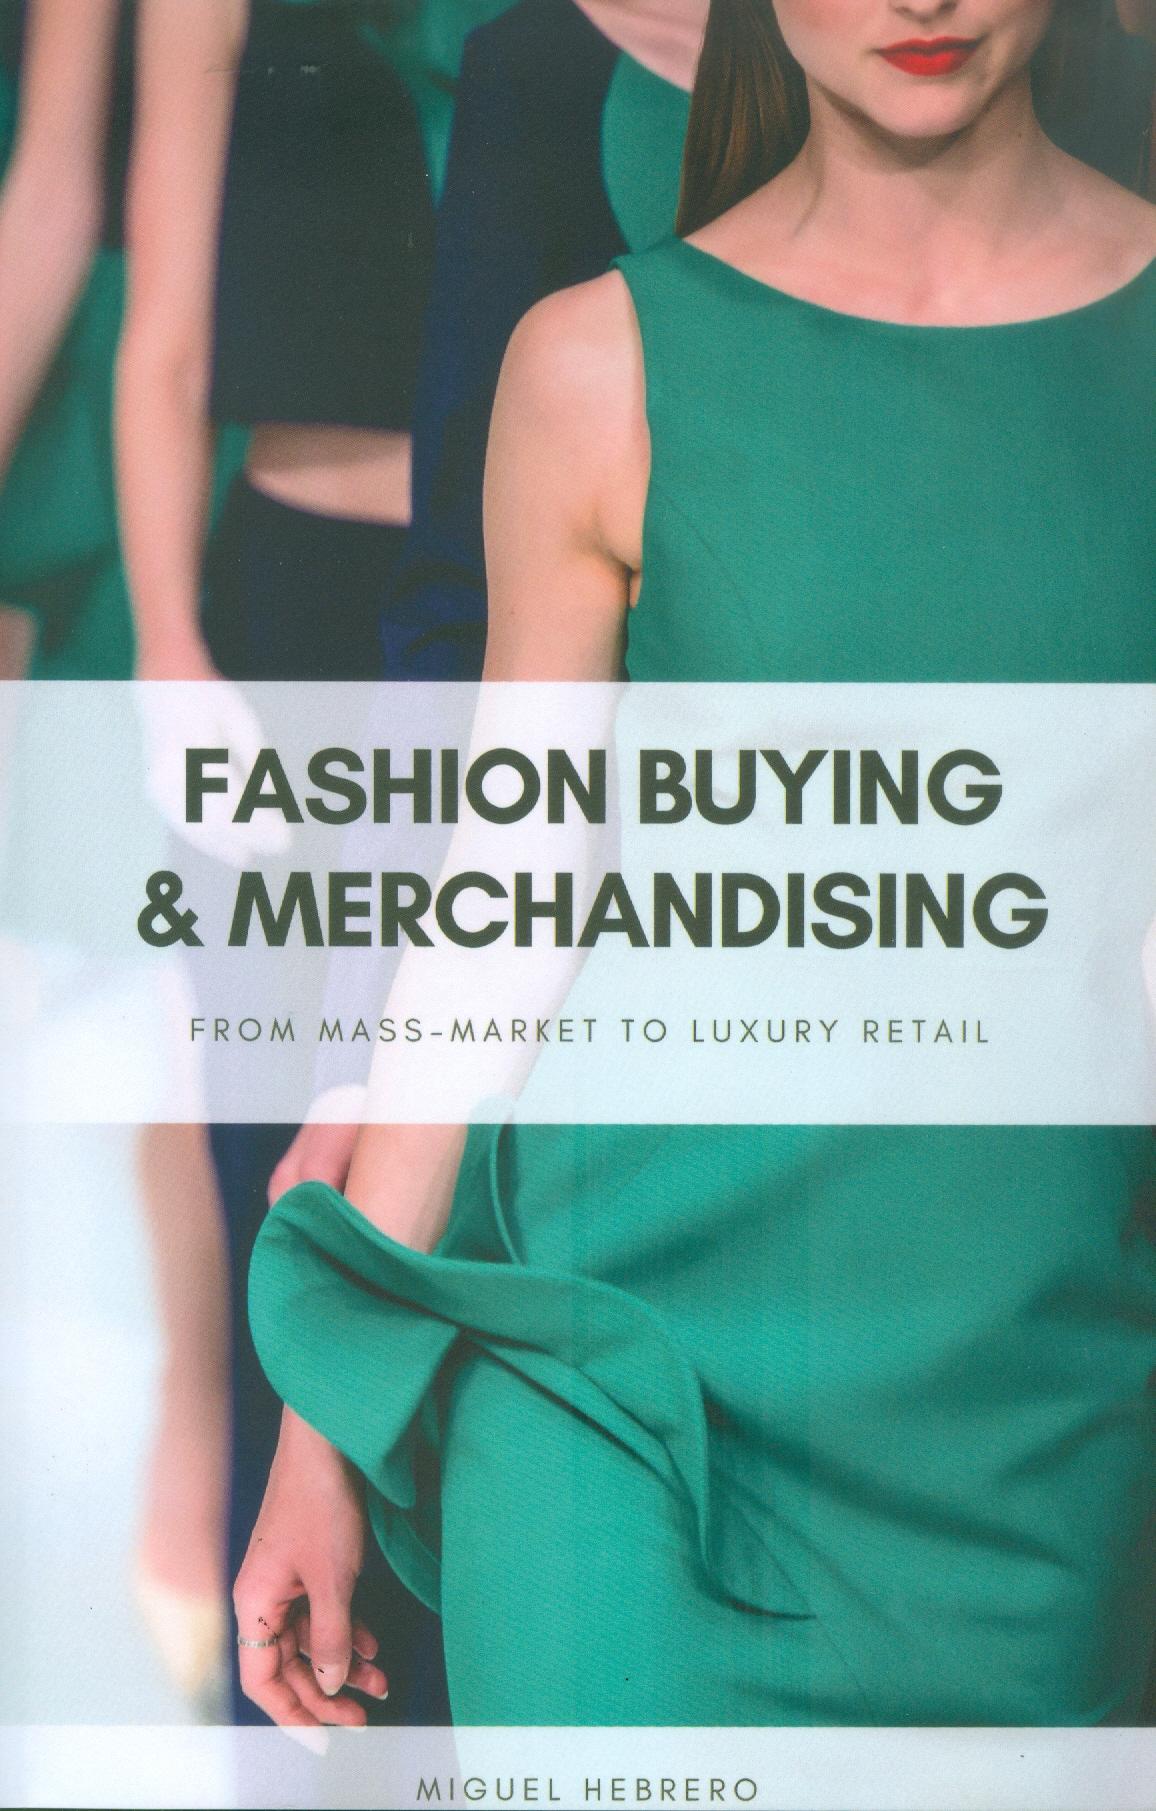 Fashion Buying & Merchandising0001.jpg